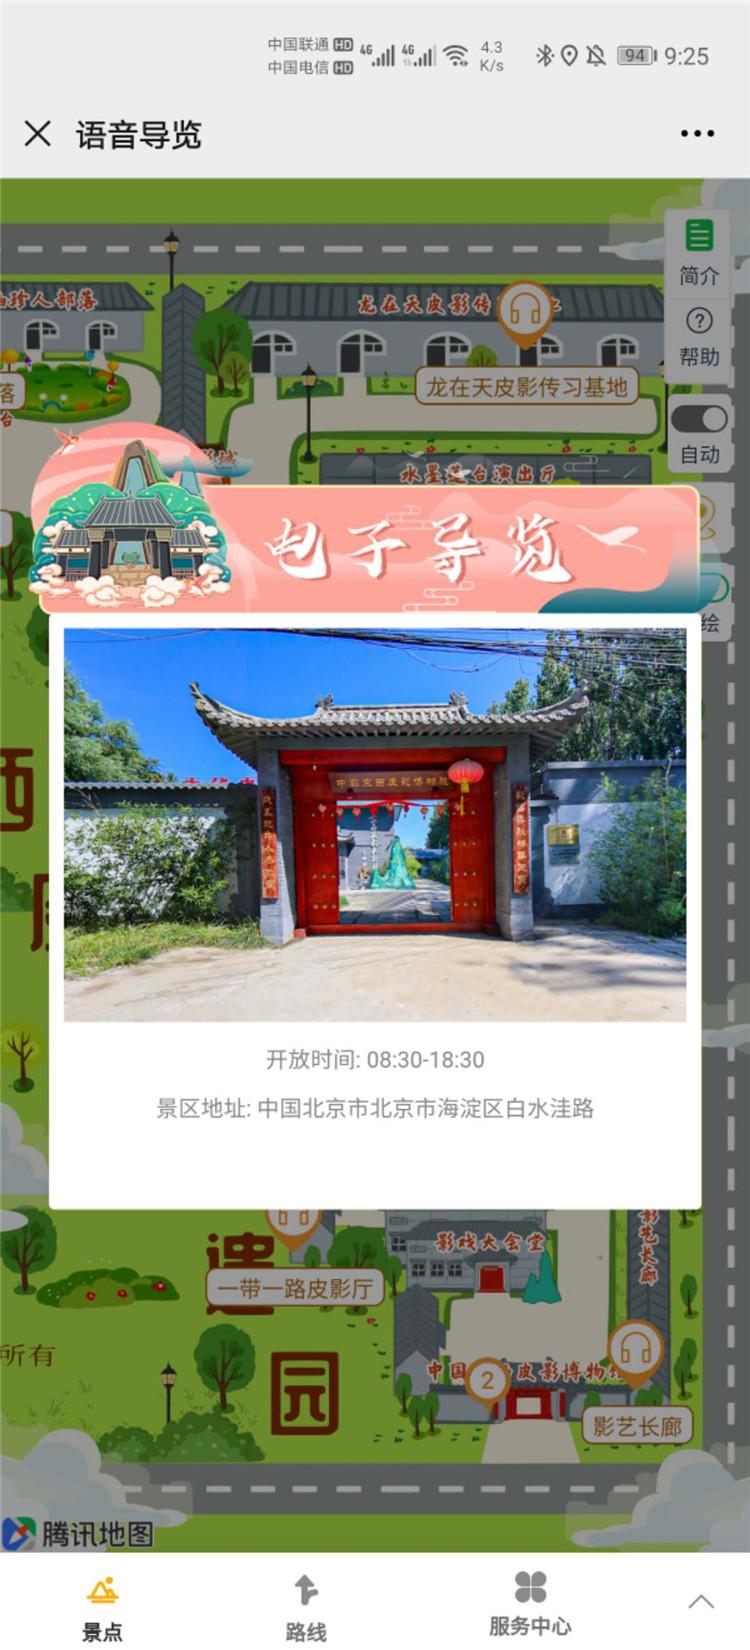 2020年北京中国京西皮影非遗园智能电子导览、语音讲解、手绘地图上线了1.jpg